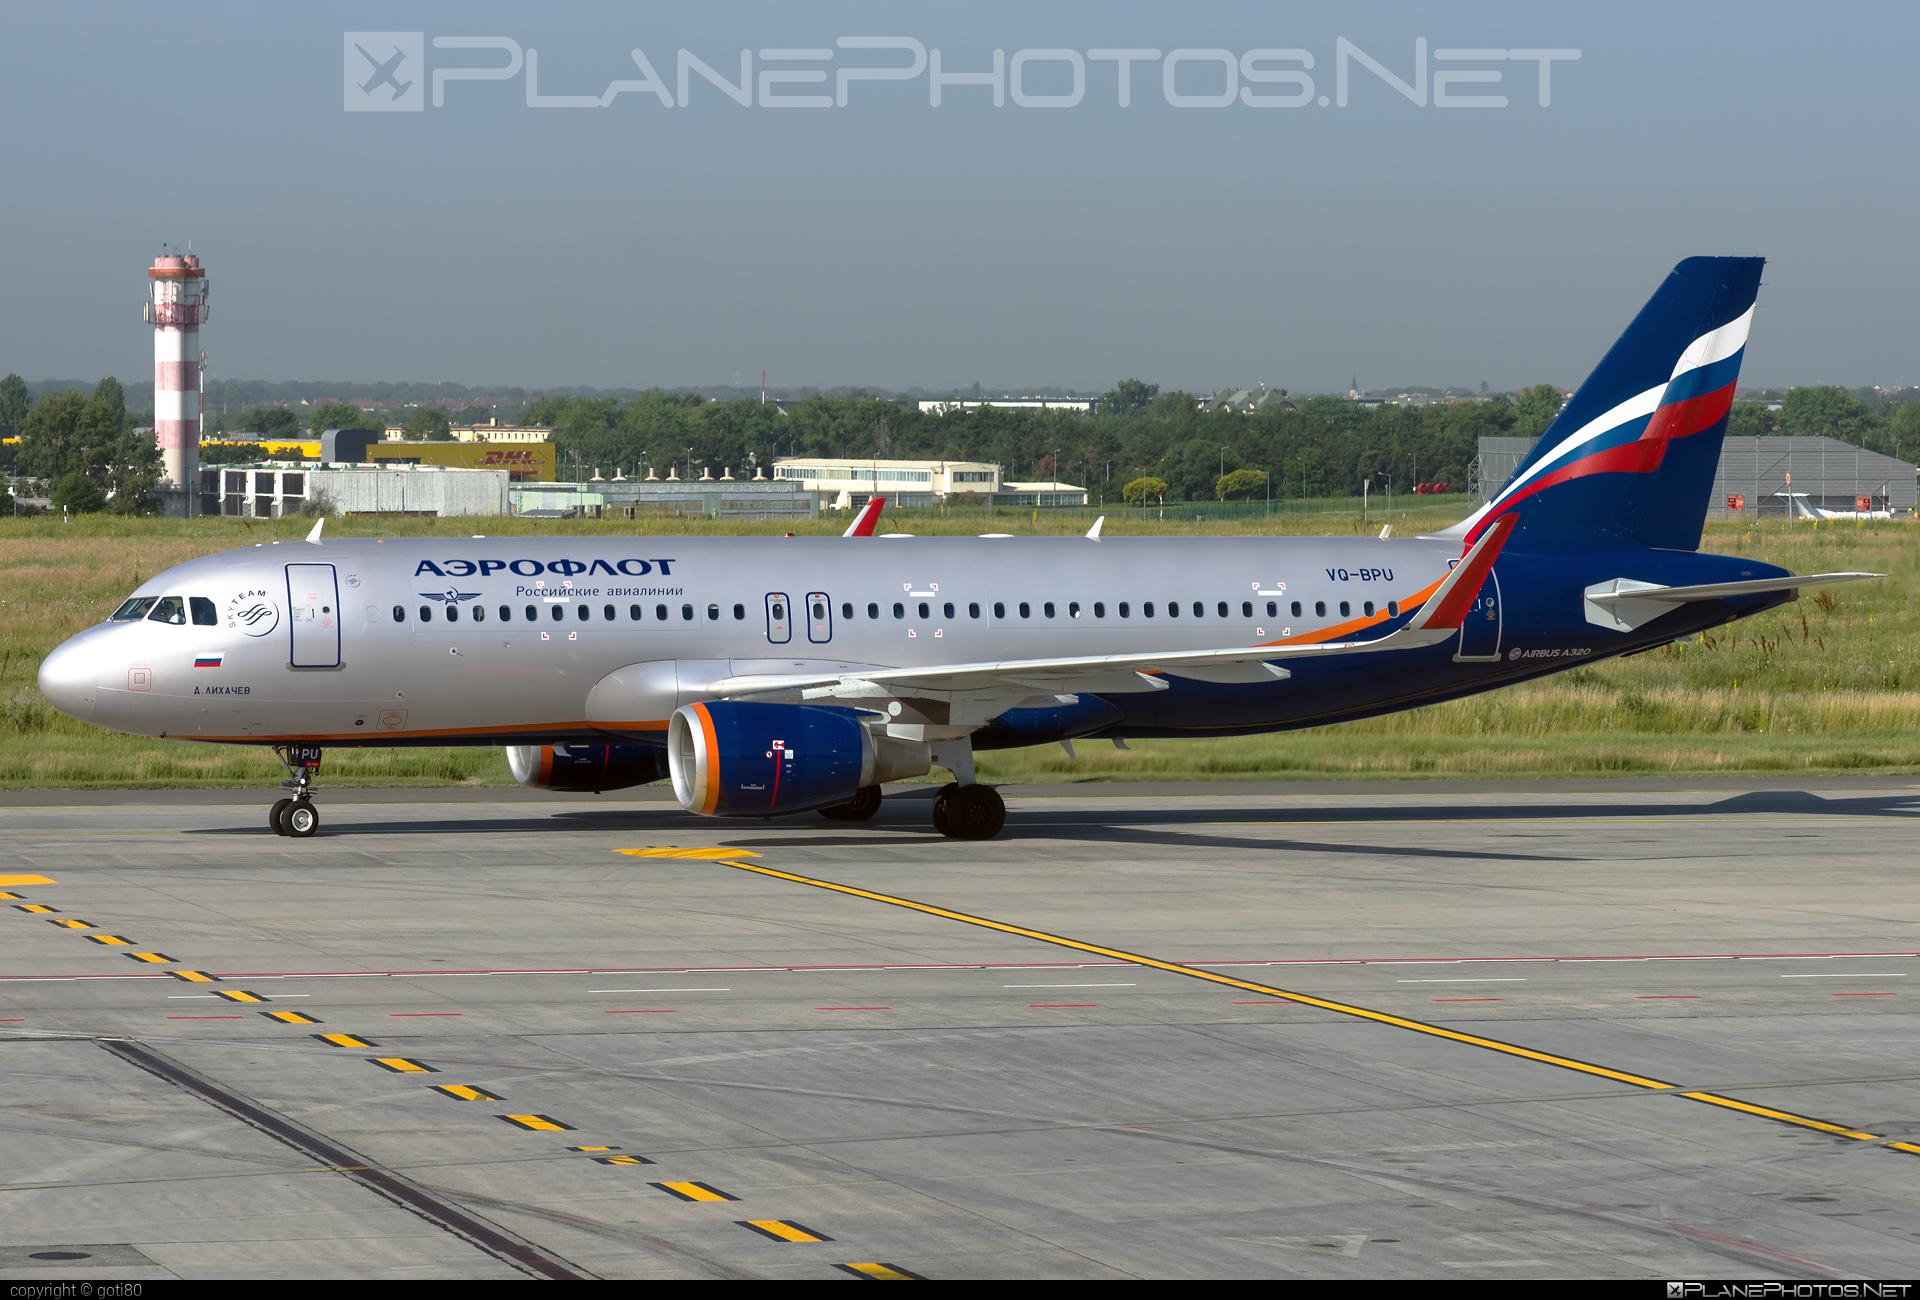 Airbus A320-214 - VQ-BPU operated by Aeroflot #a320 #a320family #aeroflot #airbus #airbus320